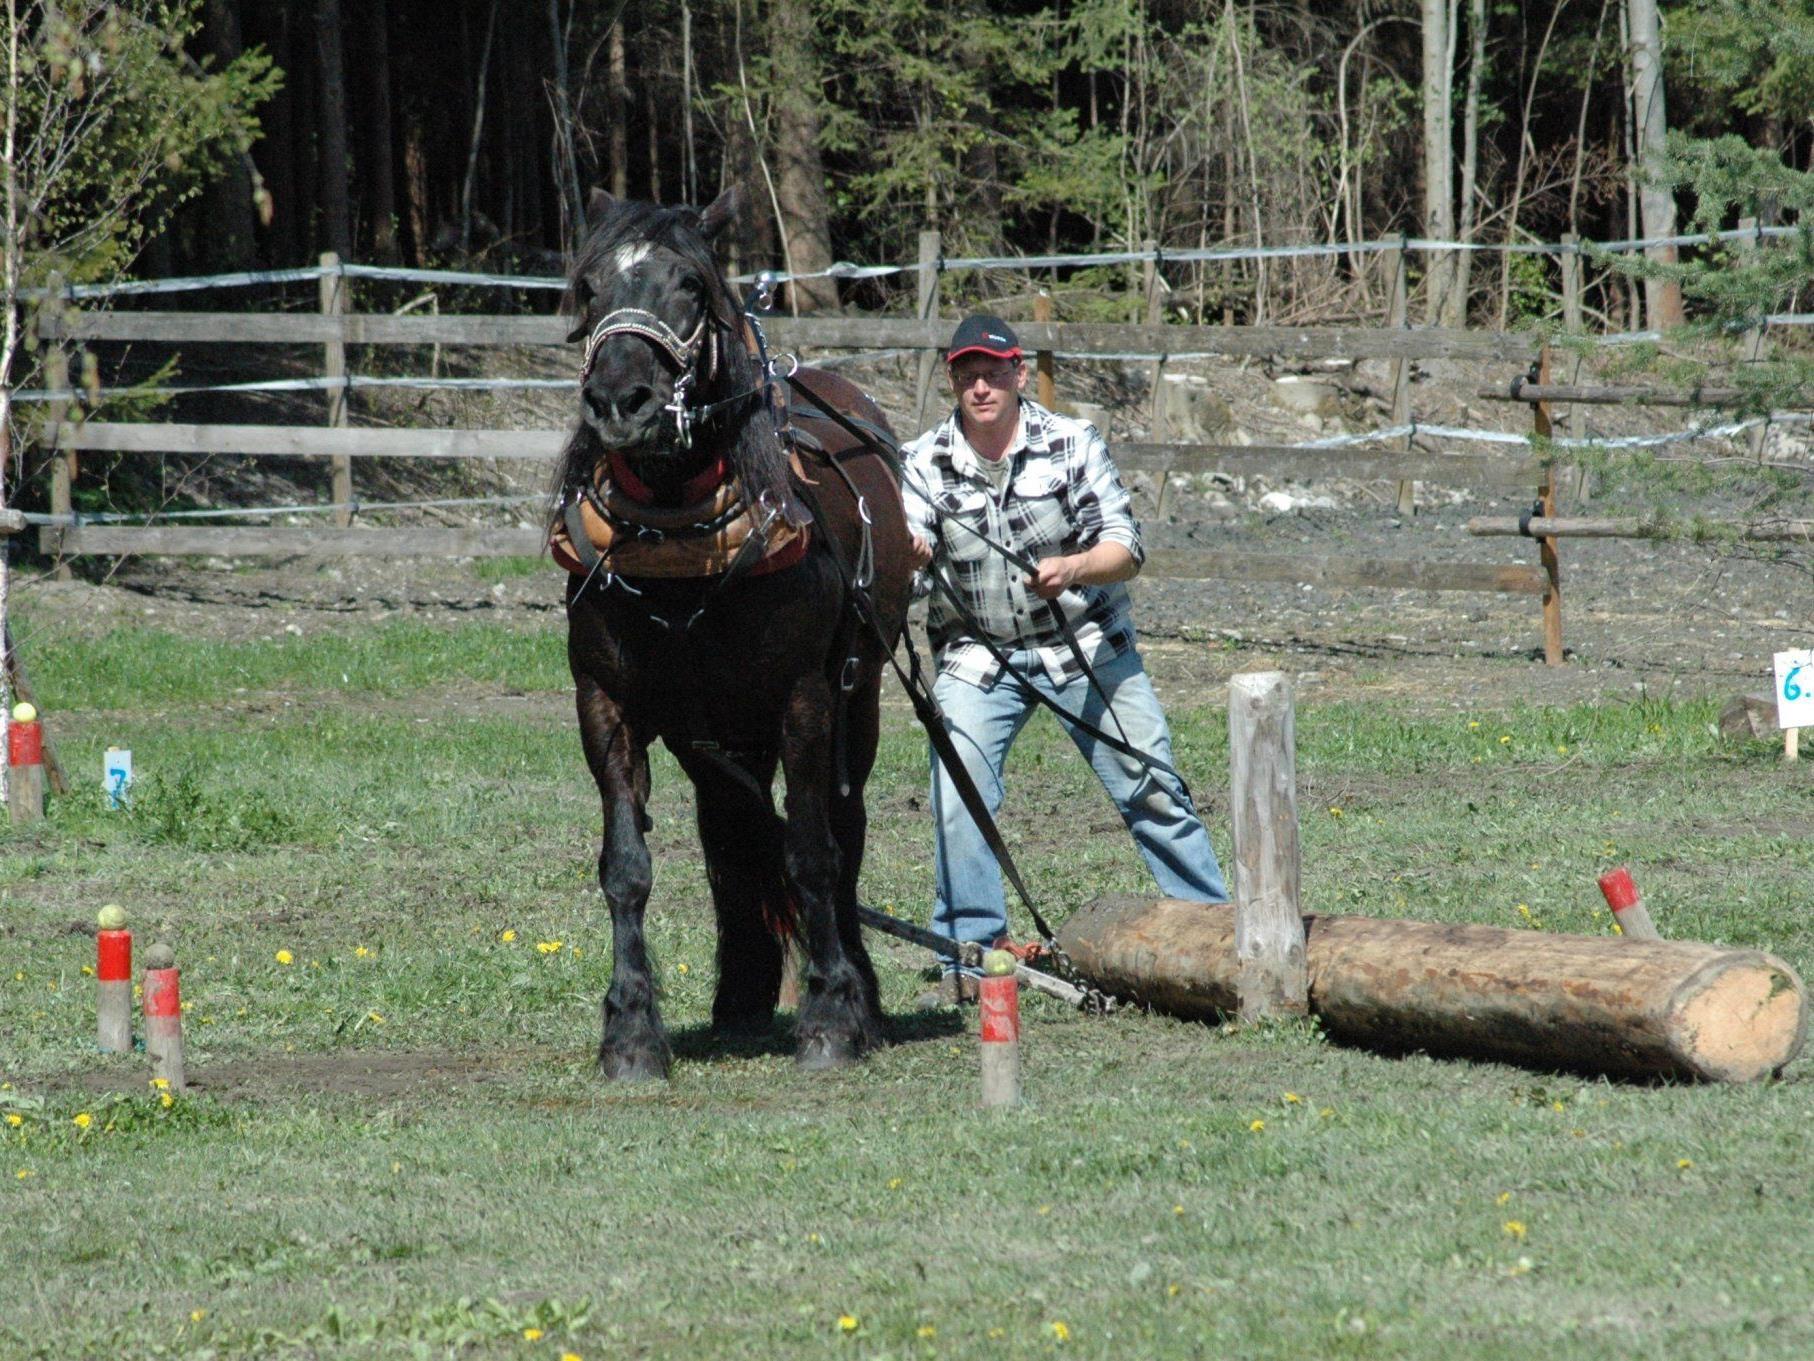 Mensch und Pferd leisteten beim Holzrücken ganze Arbeit.